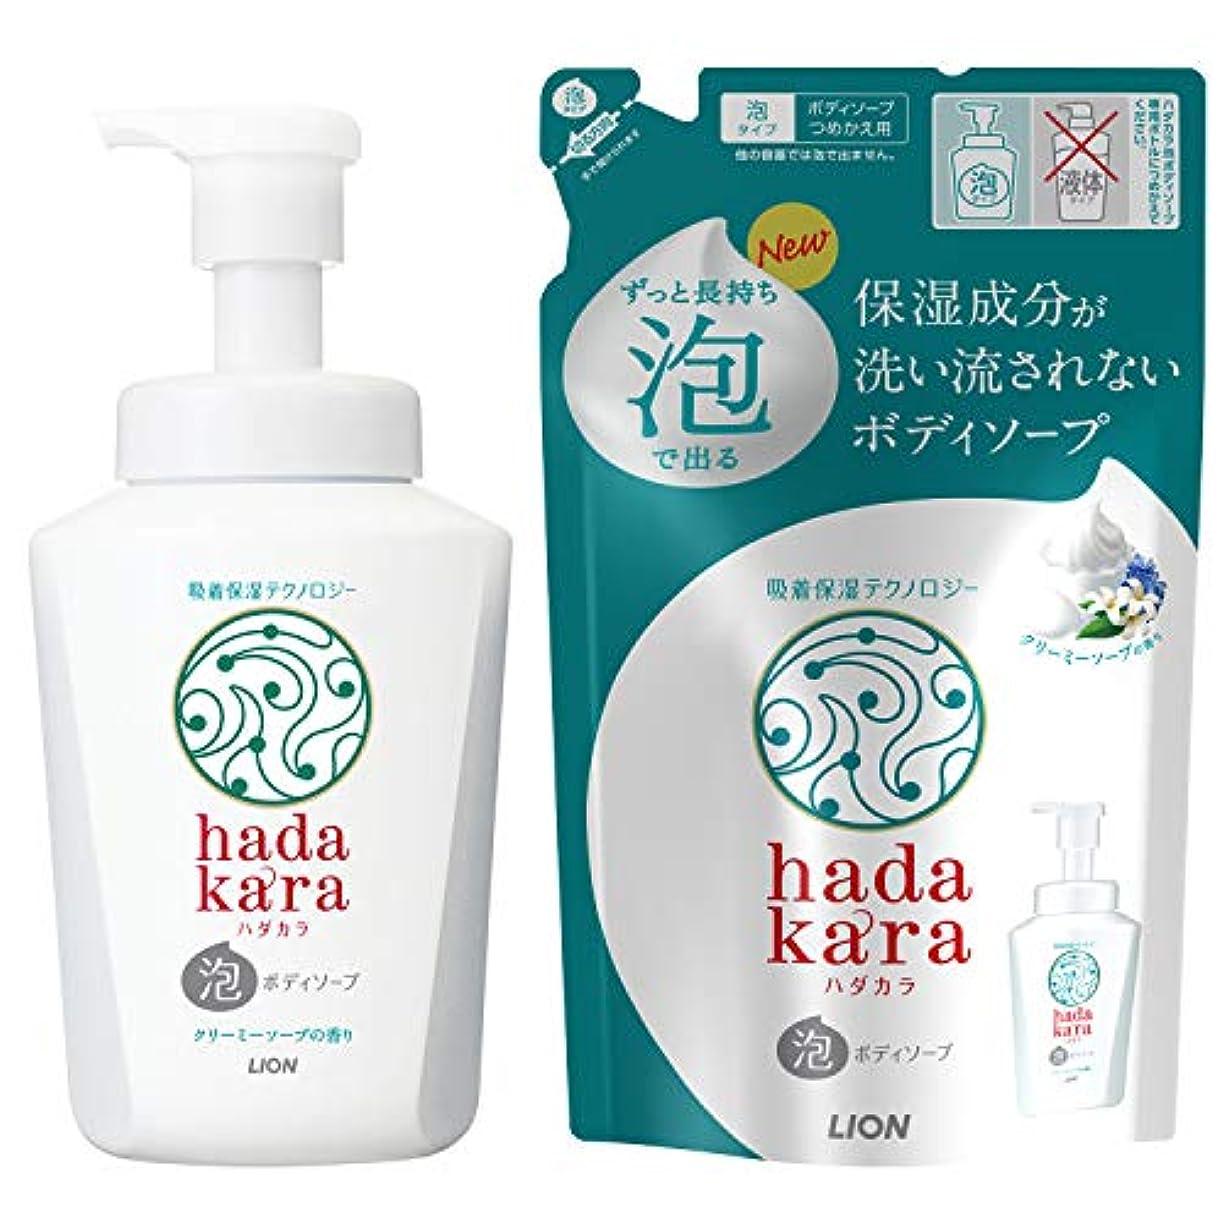 ボス拾う理解するhadakara(ハダカラ) ボディソープ 泡タイプ クリーミーソープの香り 本体550ml+詰替440ml